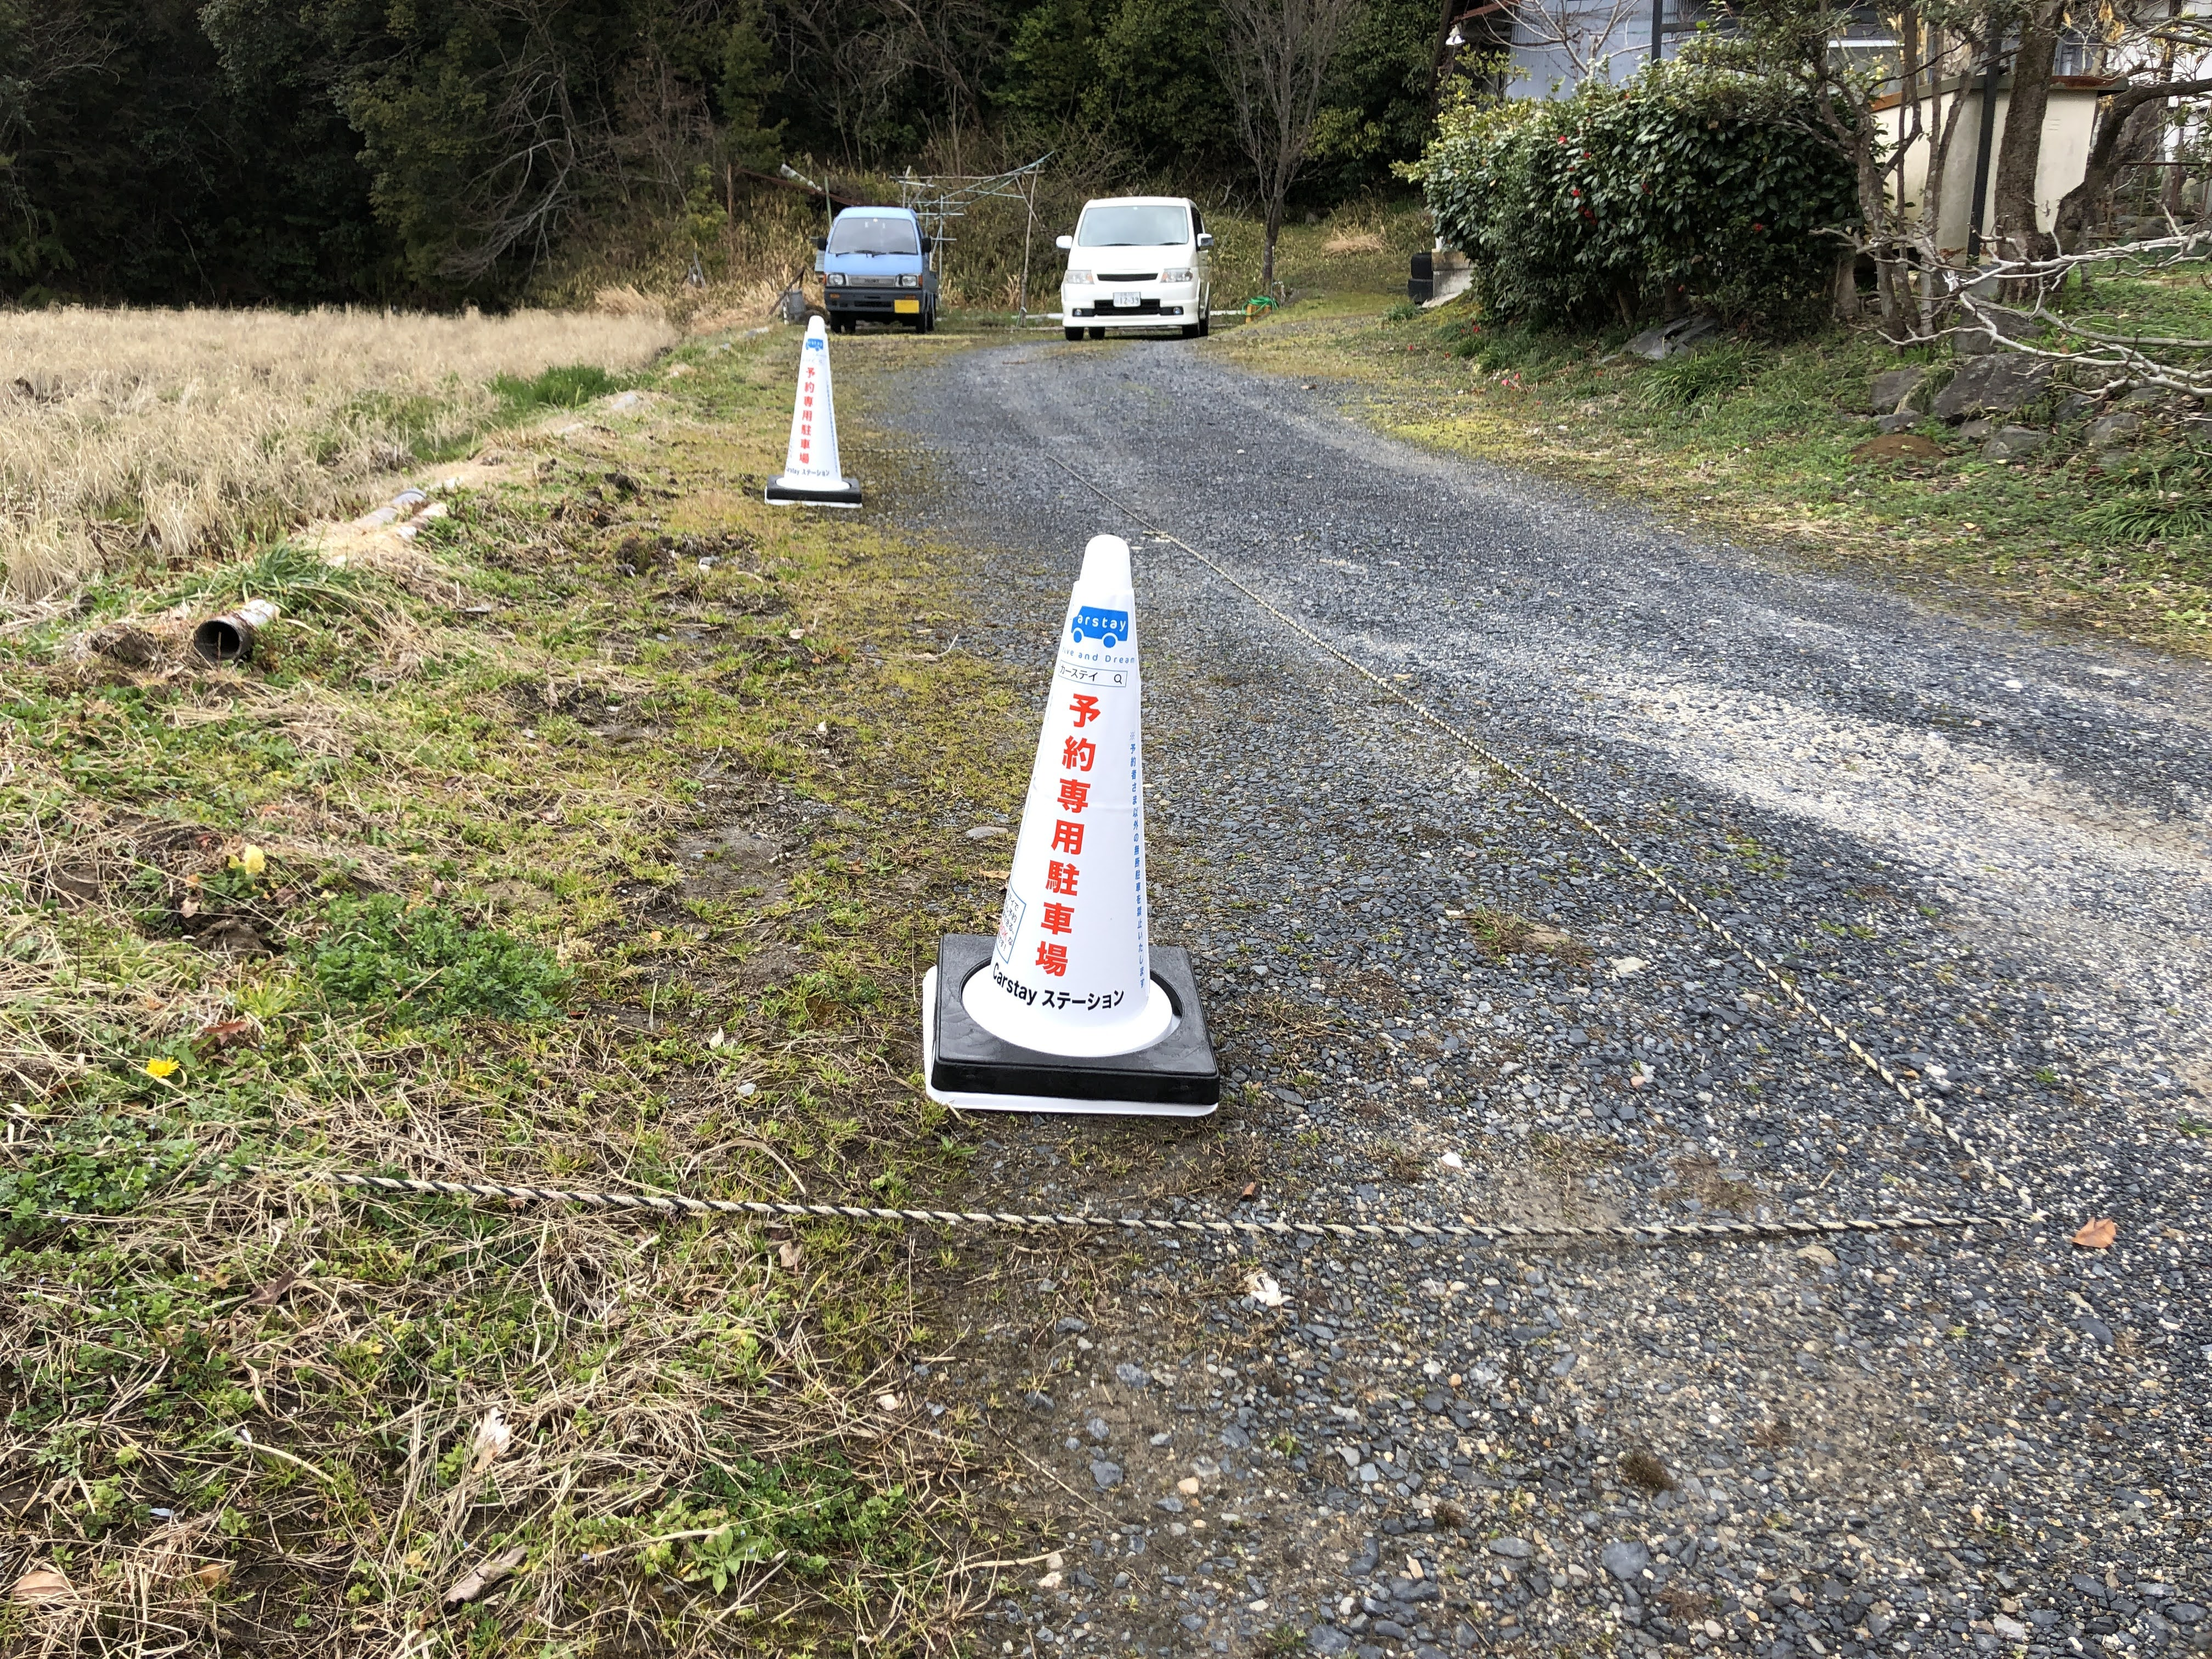 駐車可能なスペース(田んぼ脇、乗用車縦に2台まで)